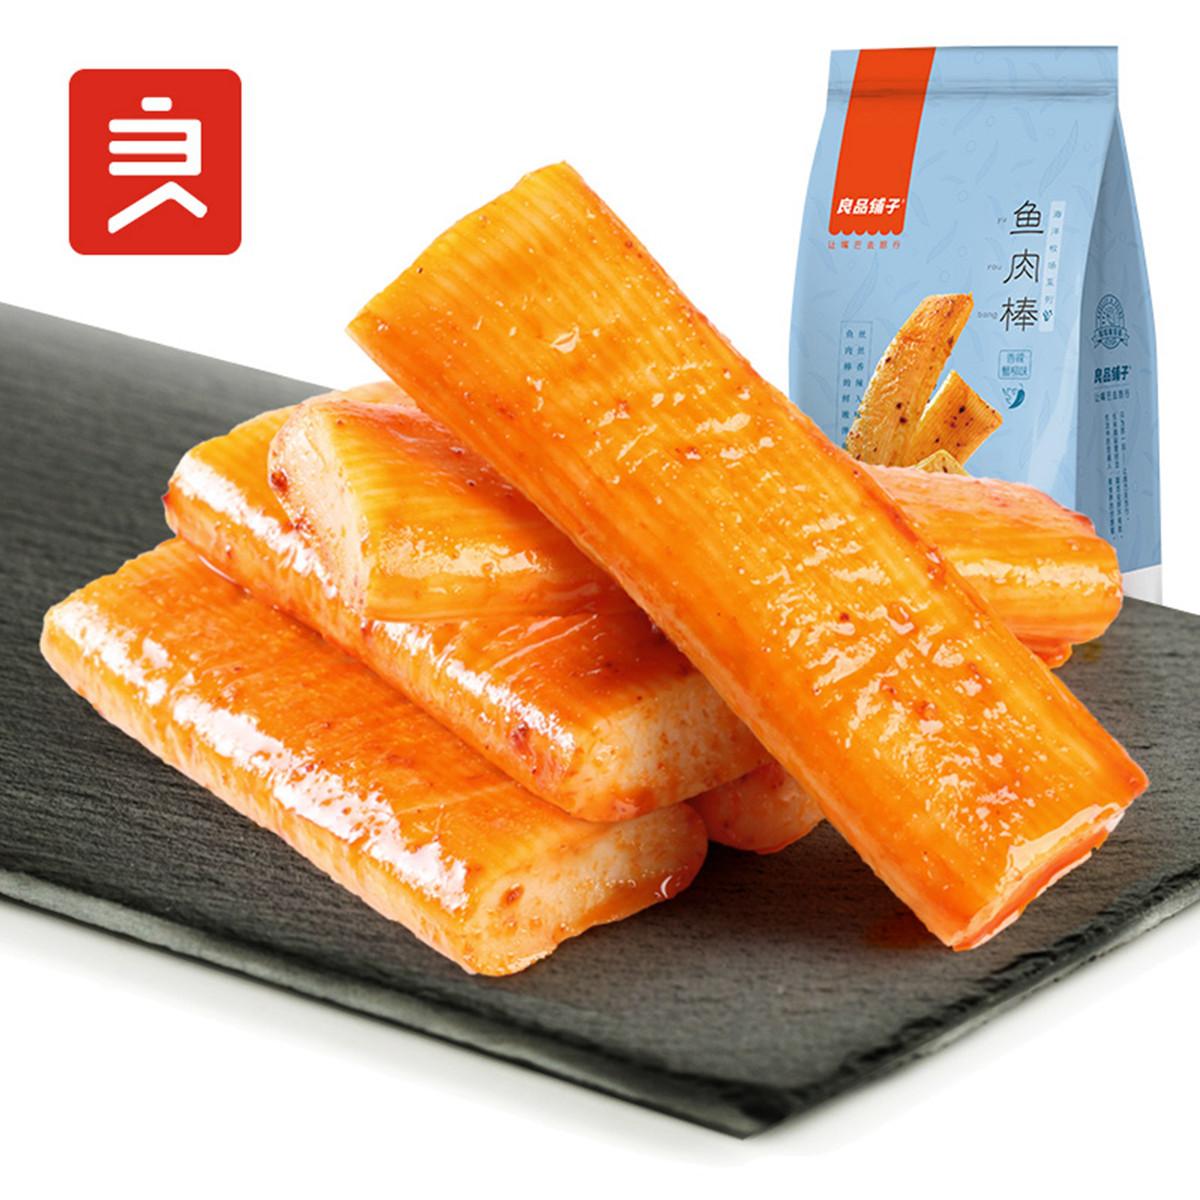 良品铺子鱼肉棒90gX1袋蟹柳味香辣蟹柳味鱼类海味零食鲜嫩细腻COLOR鱼肉棒